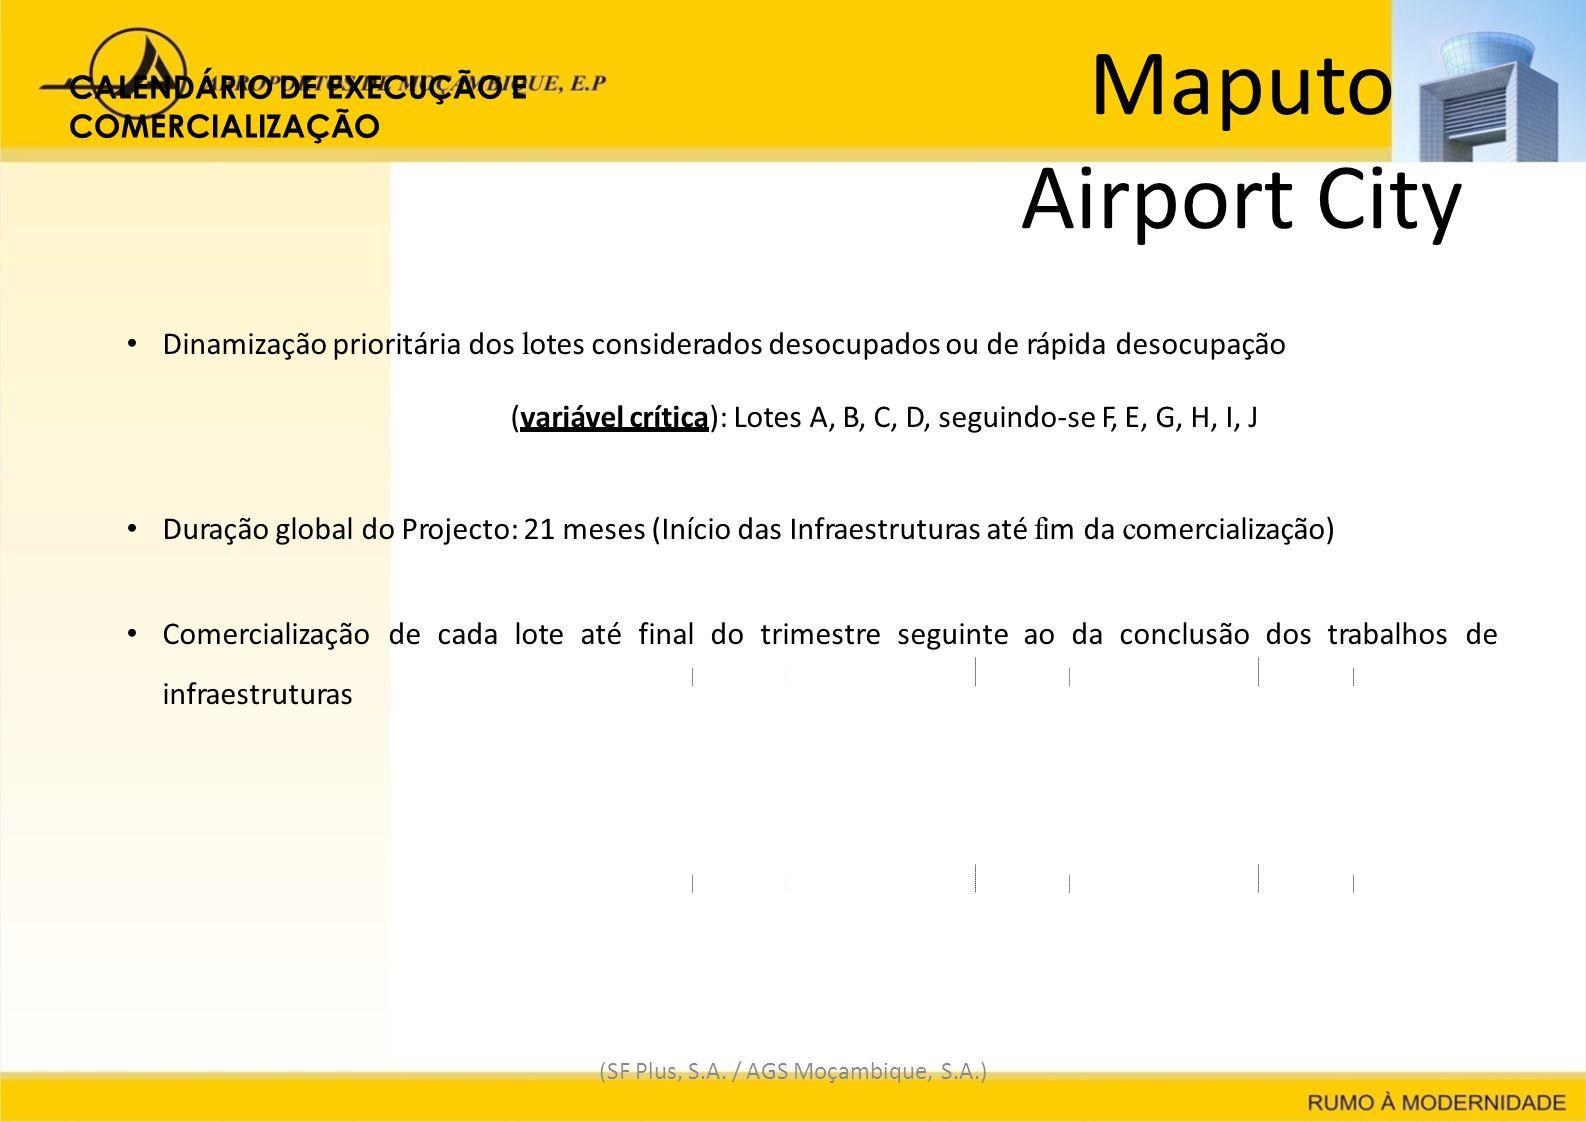 Maputo Airport City (SF Plus, S.A. / AGS Moçambique, S.A.) CALENDÁRIO DE EXECUÇÃO E COMERCIALIZAÇÃO Dinamização prioritária dos l otes considerados de